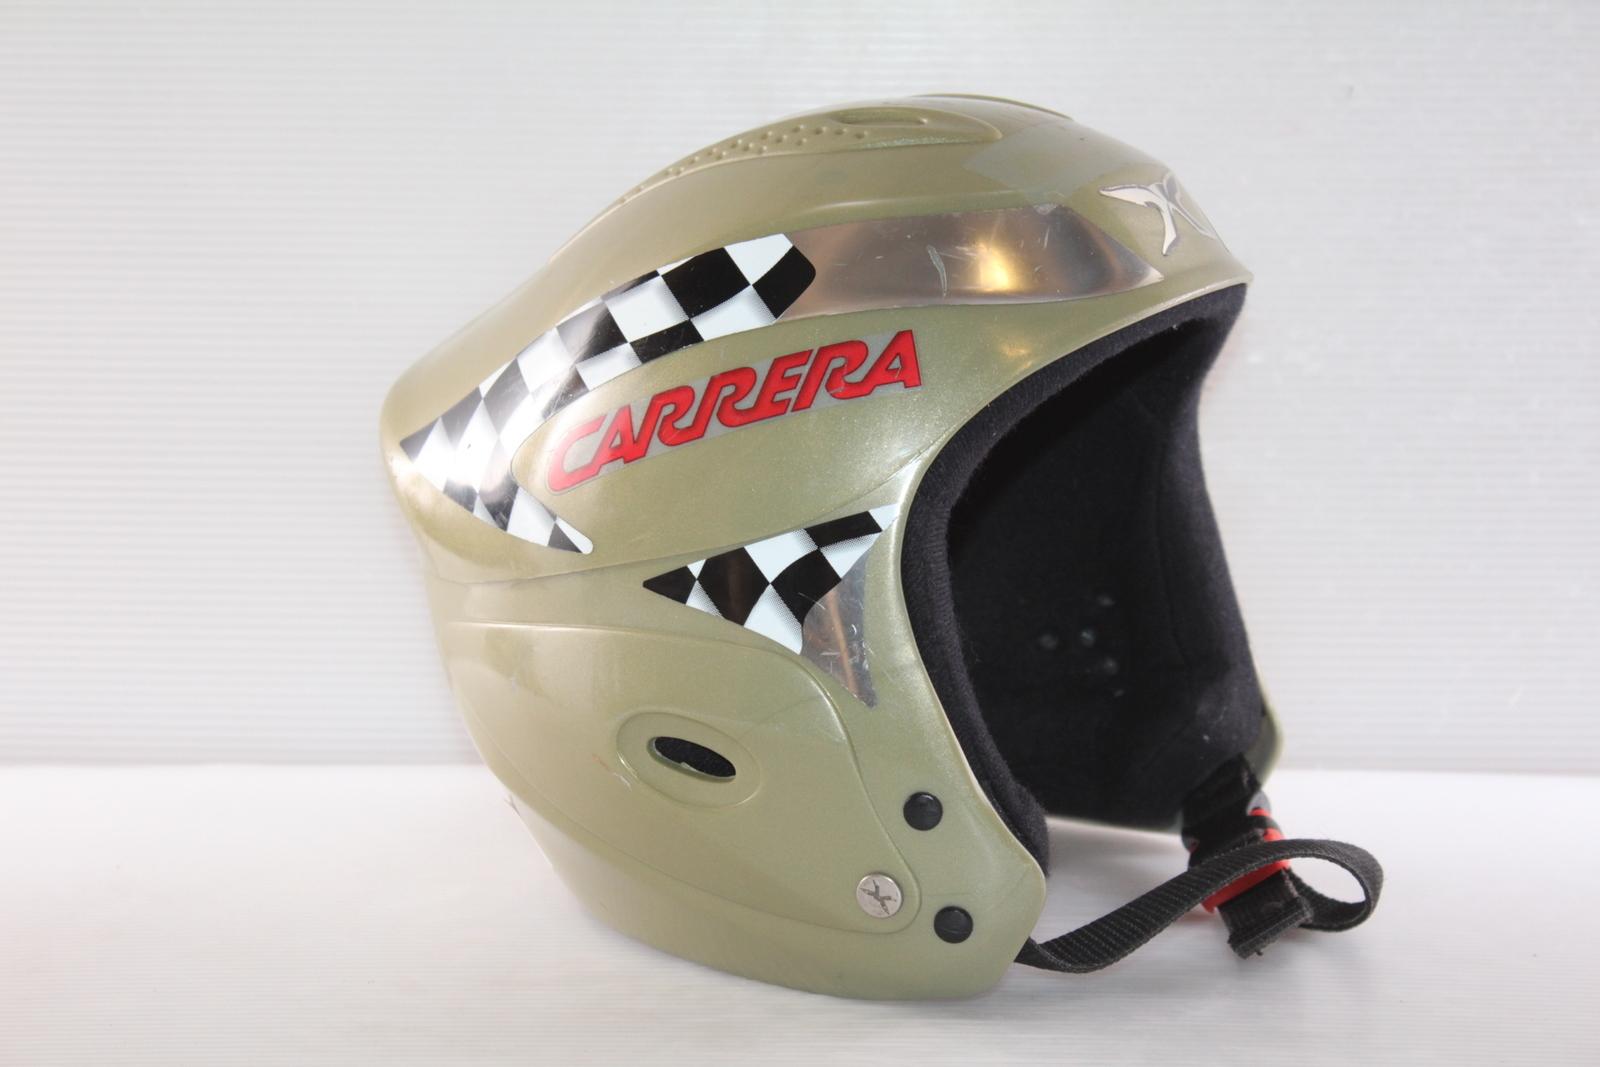 Dětská lyžařská helma Carrera Carrera vel. 56